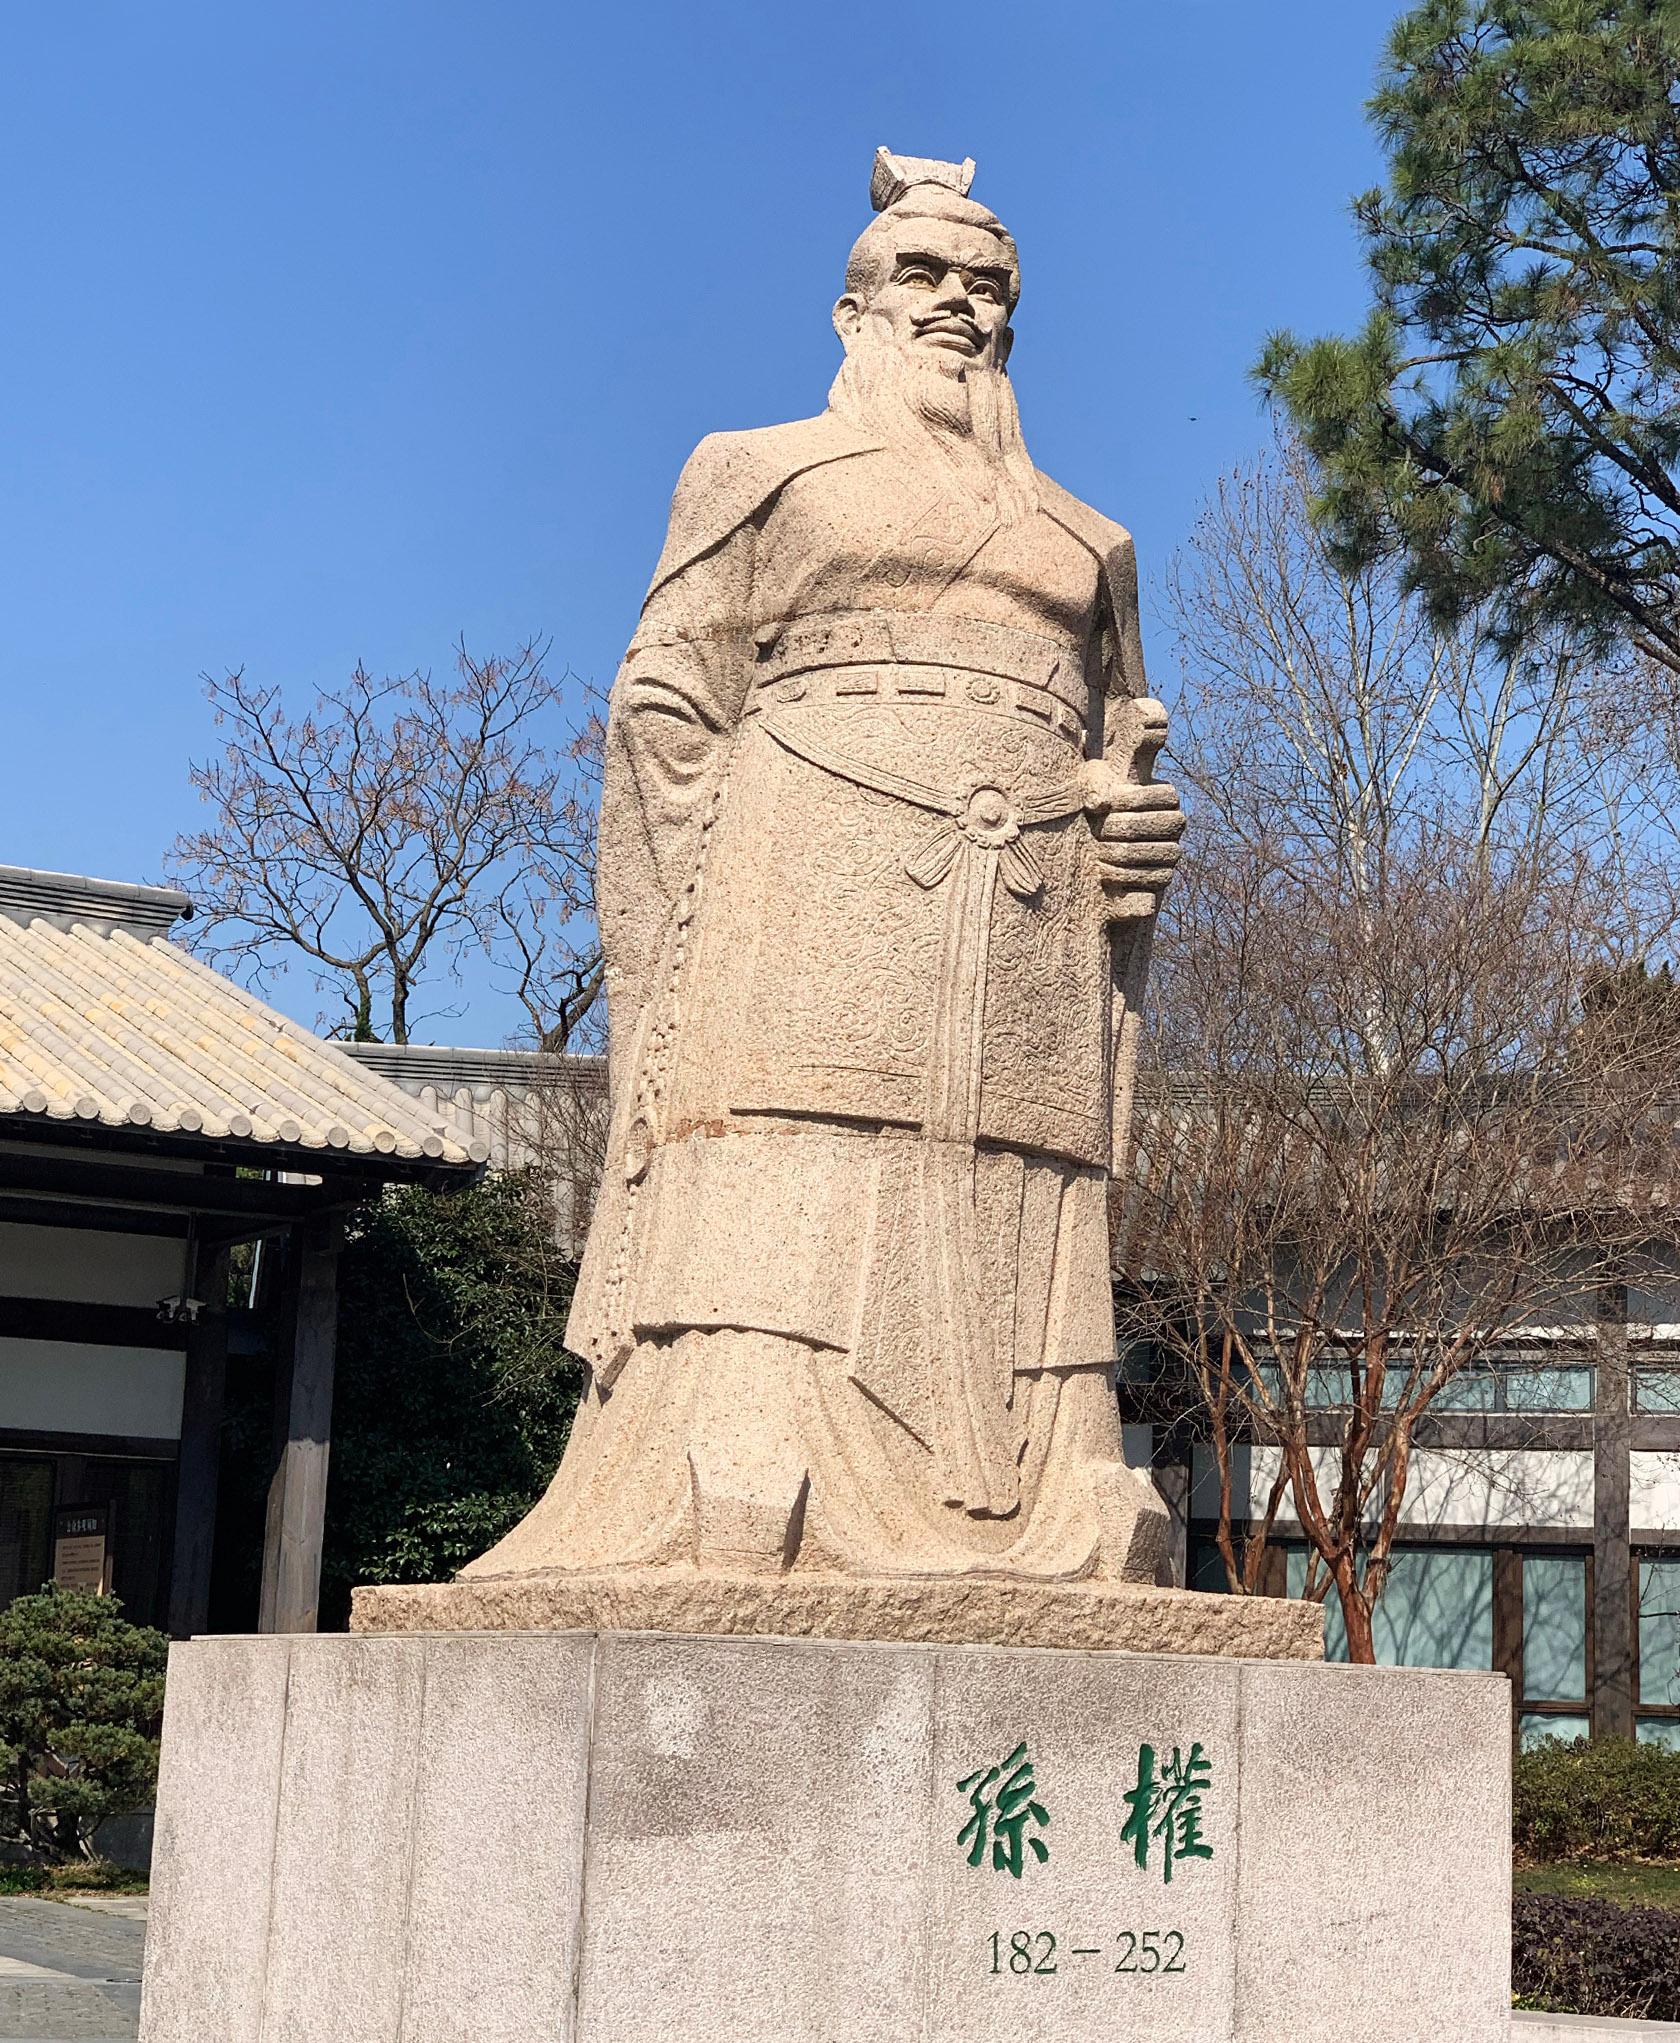 孙吴大帝塑像